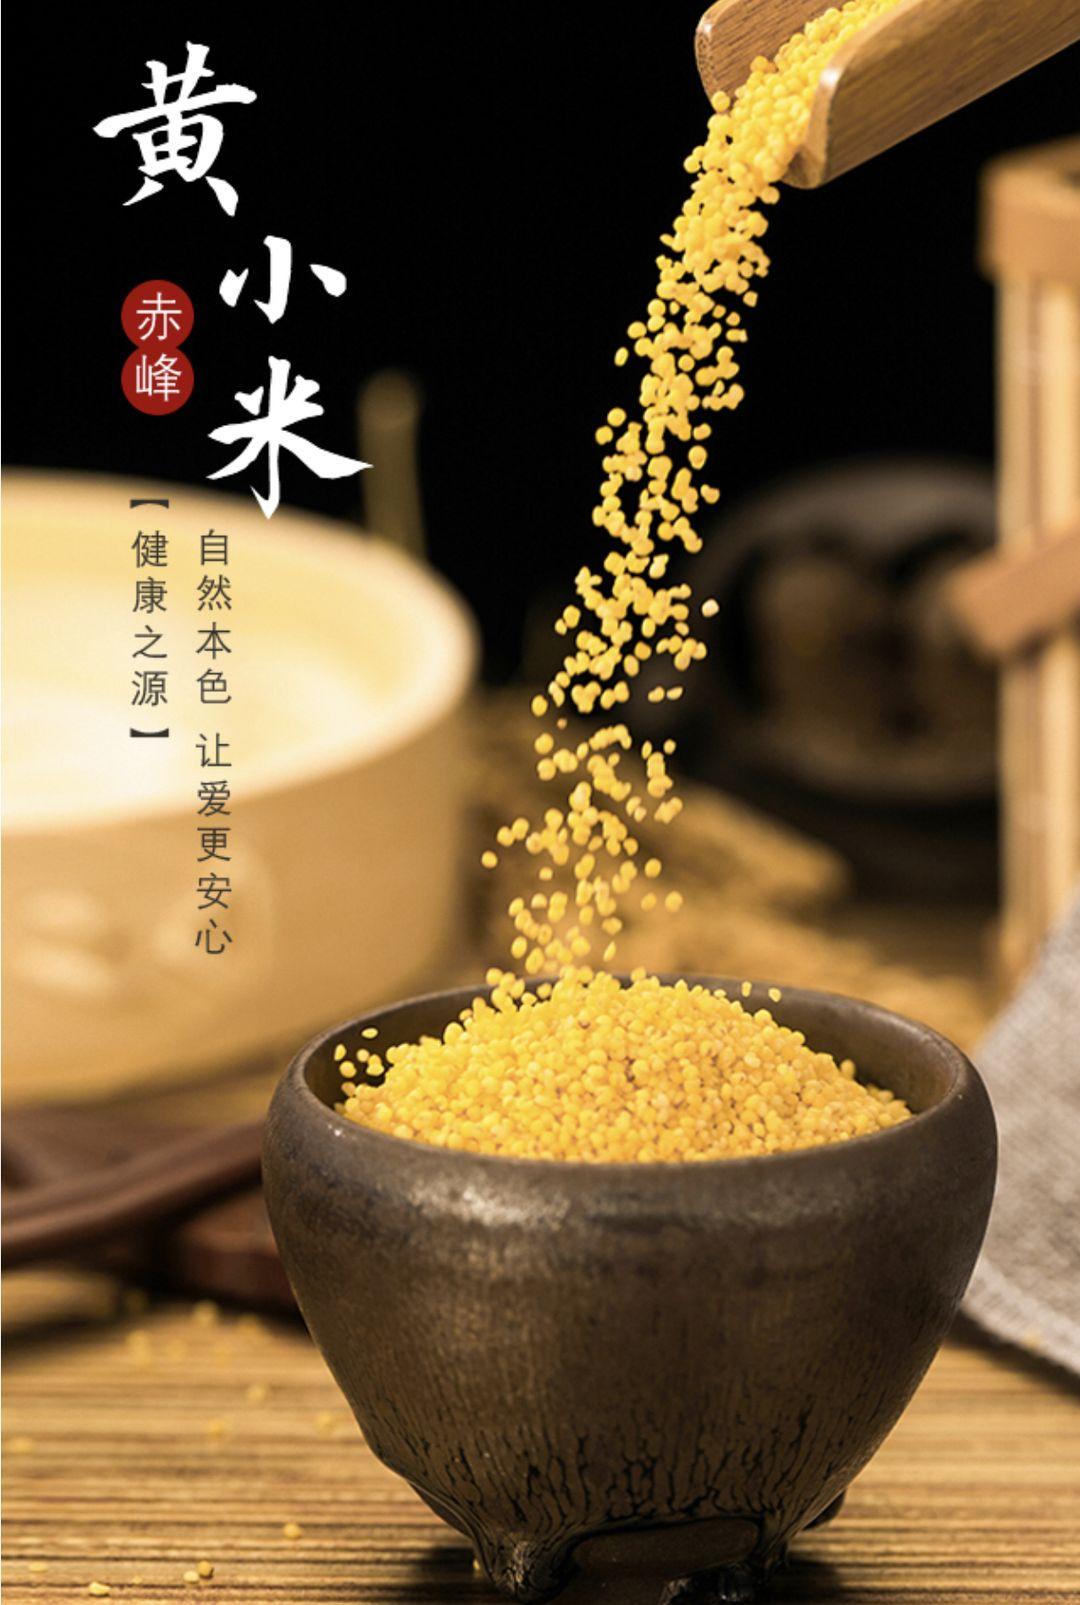 赤锋黄小米